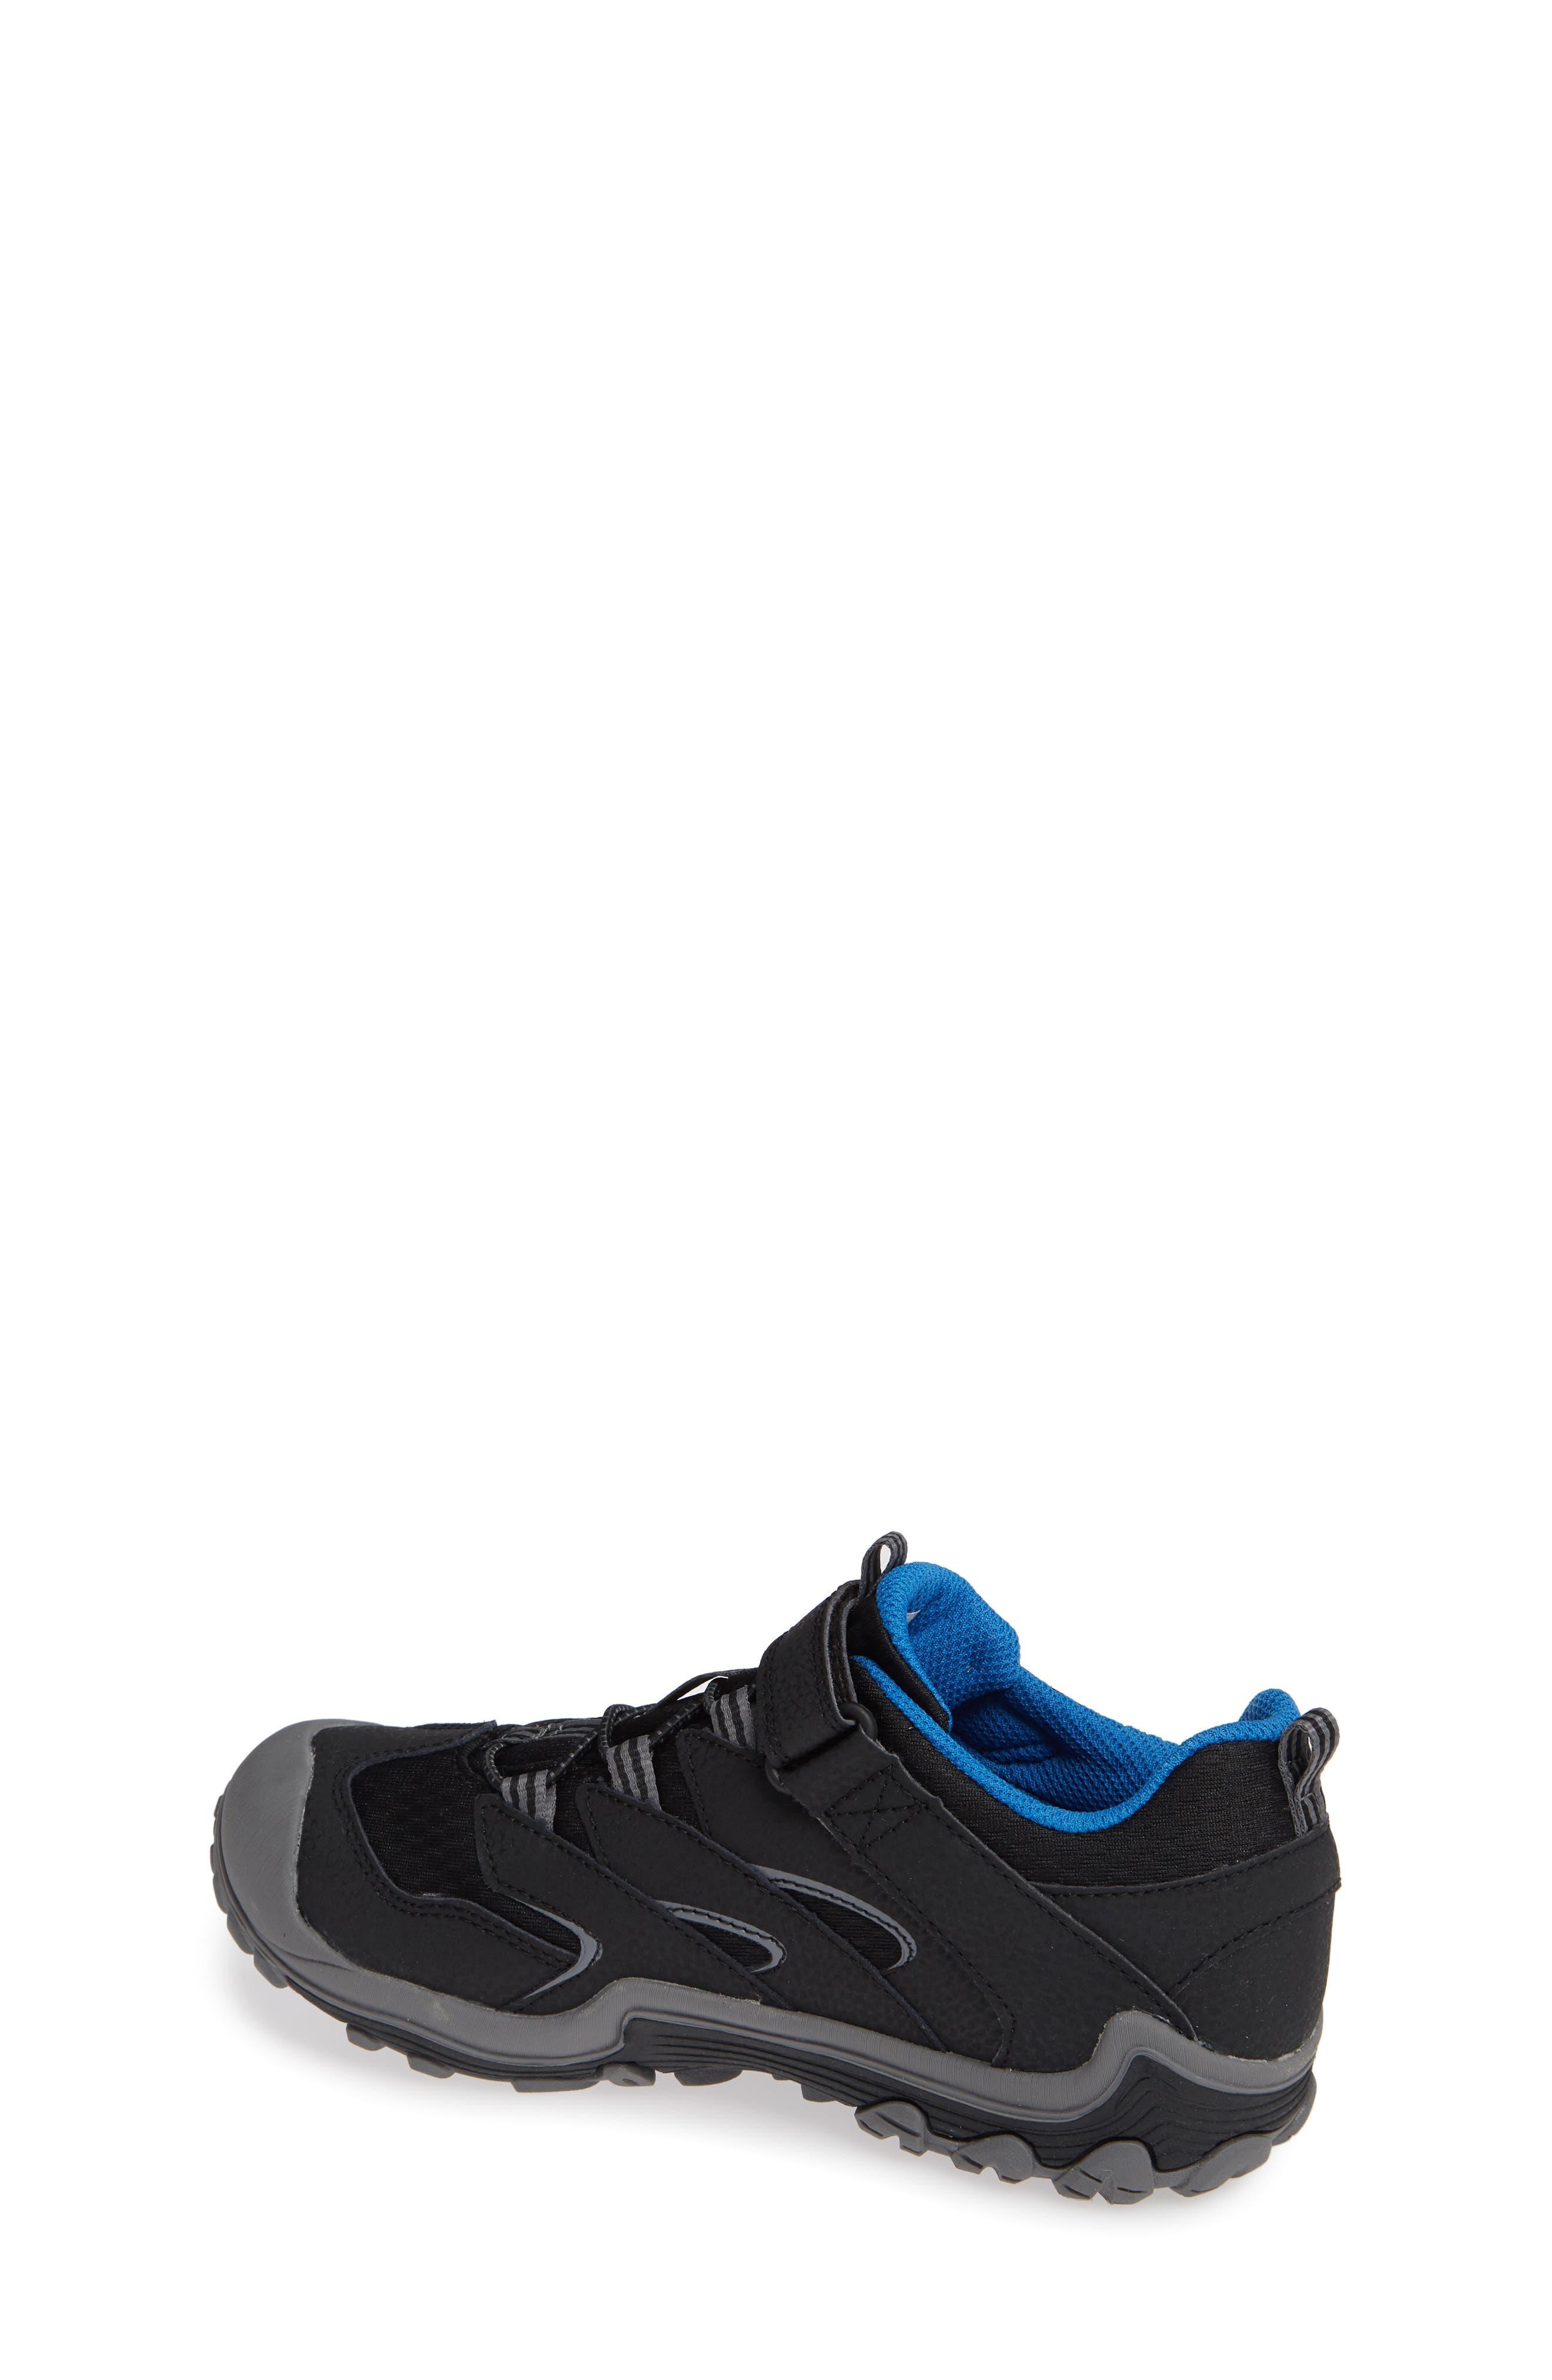 Chameleon 7 Waterproof Sneaker,                             Alternate thumbnail 2, color,                             BLACK